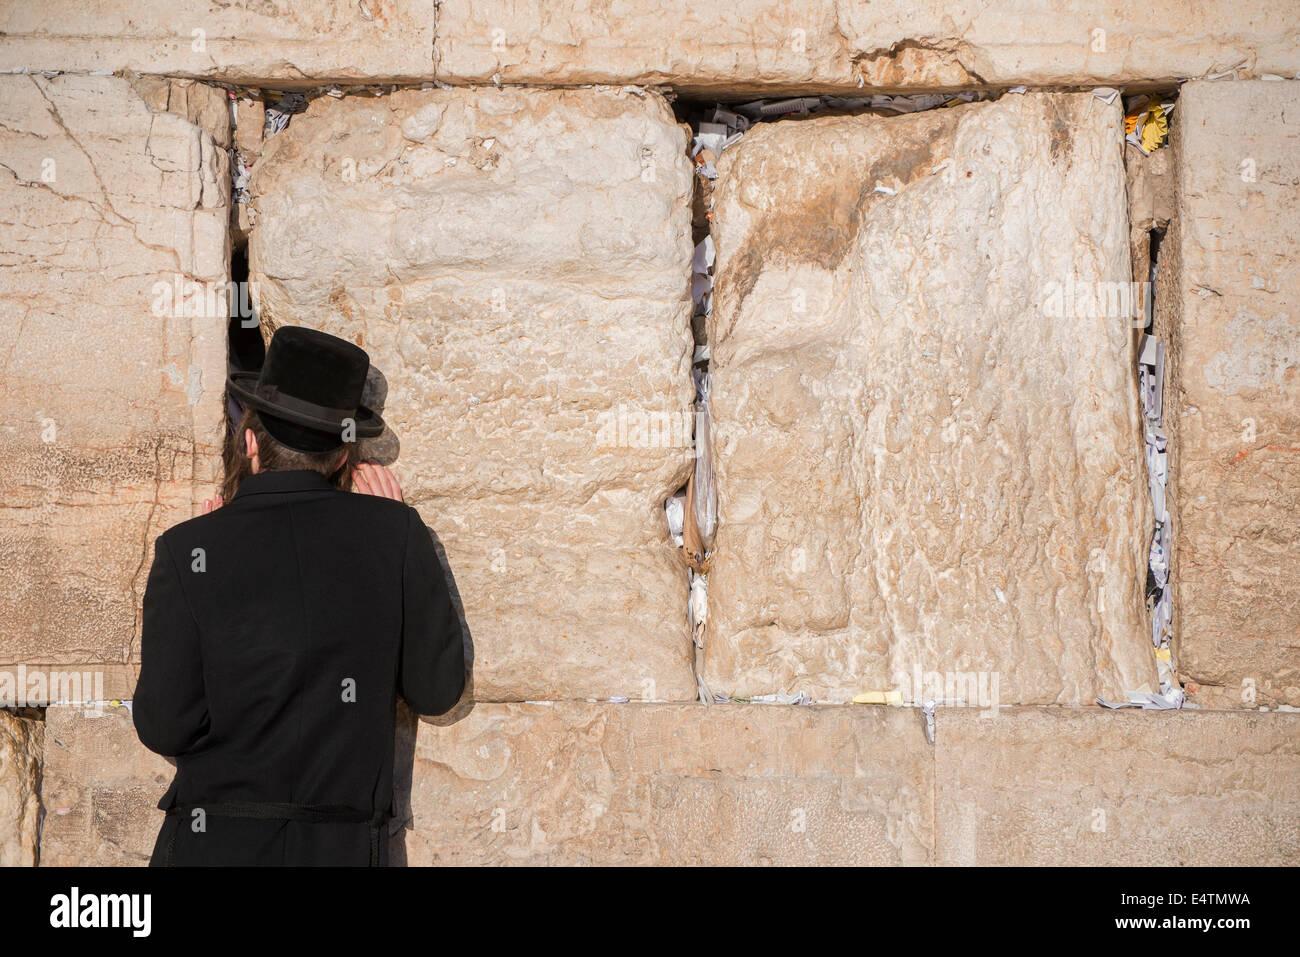 Uomo ebreo prega accanto ad una spaccatura riempita con le lettere contenenti preghiere scritta presso il Muro Occidentale Immagini Stock